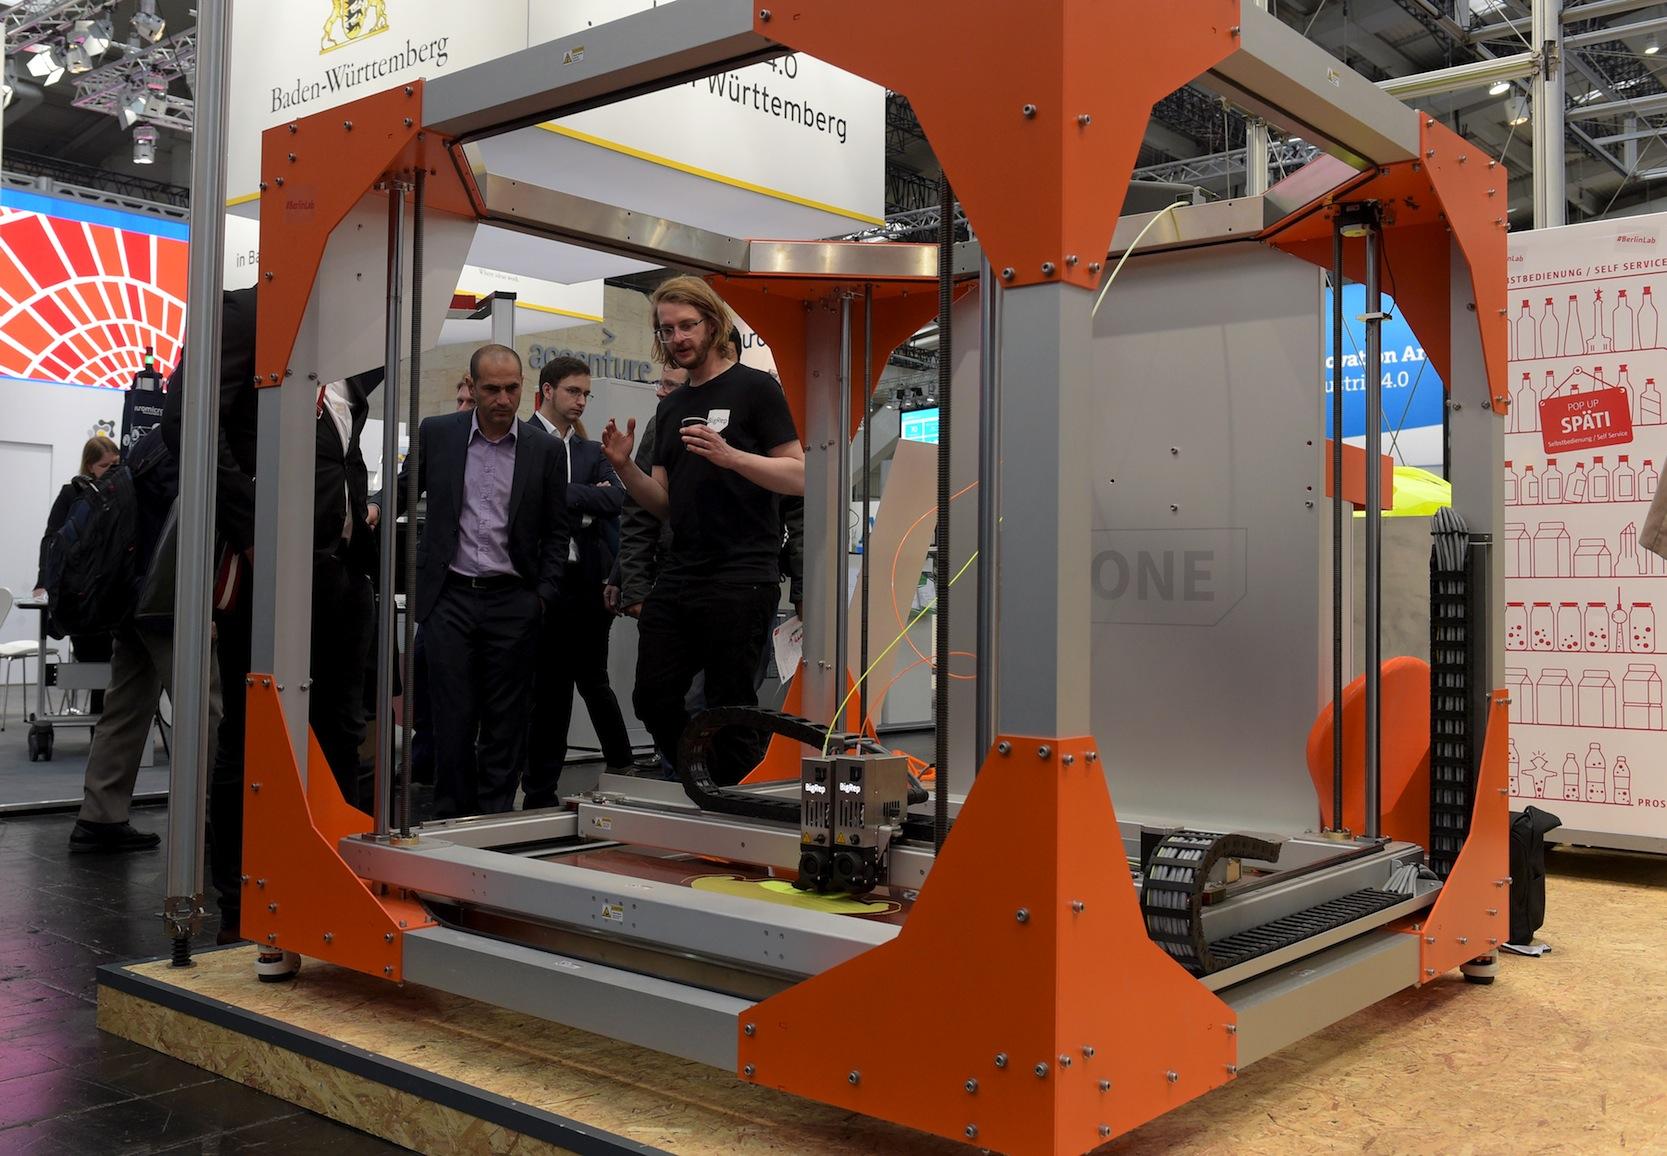 3D-Drucker auf der Hannover Messe: Additive Fertigung ist eines der Hauptthemen der Messe.